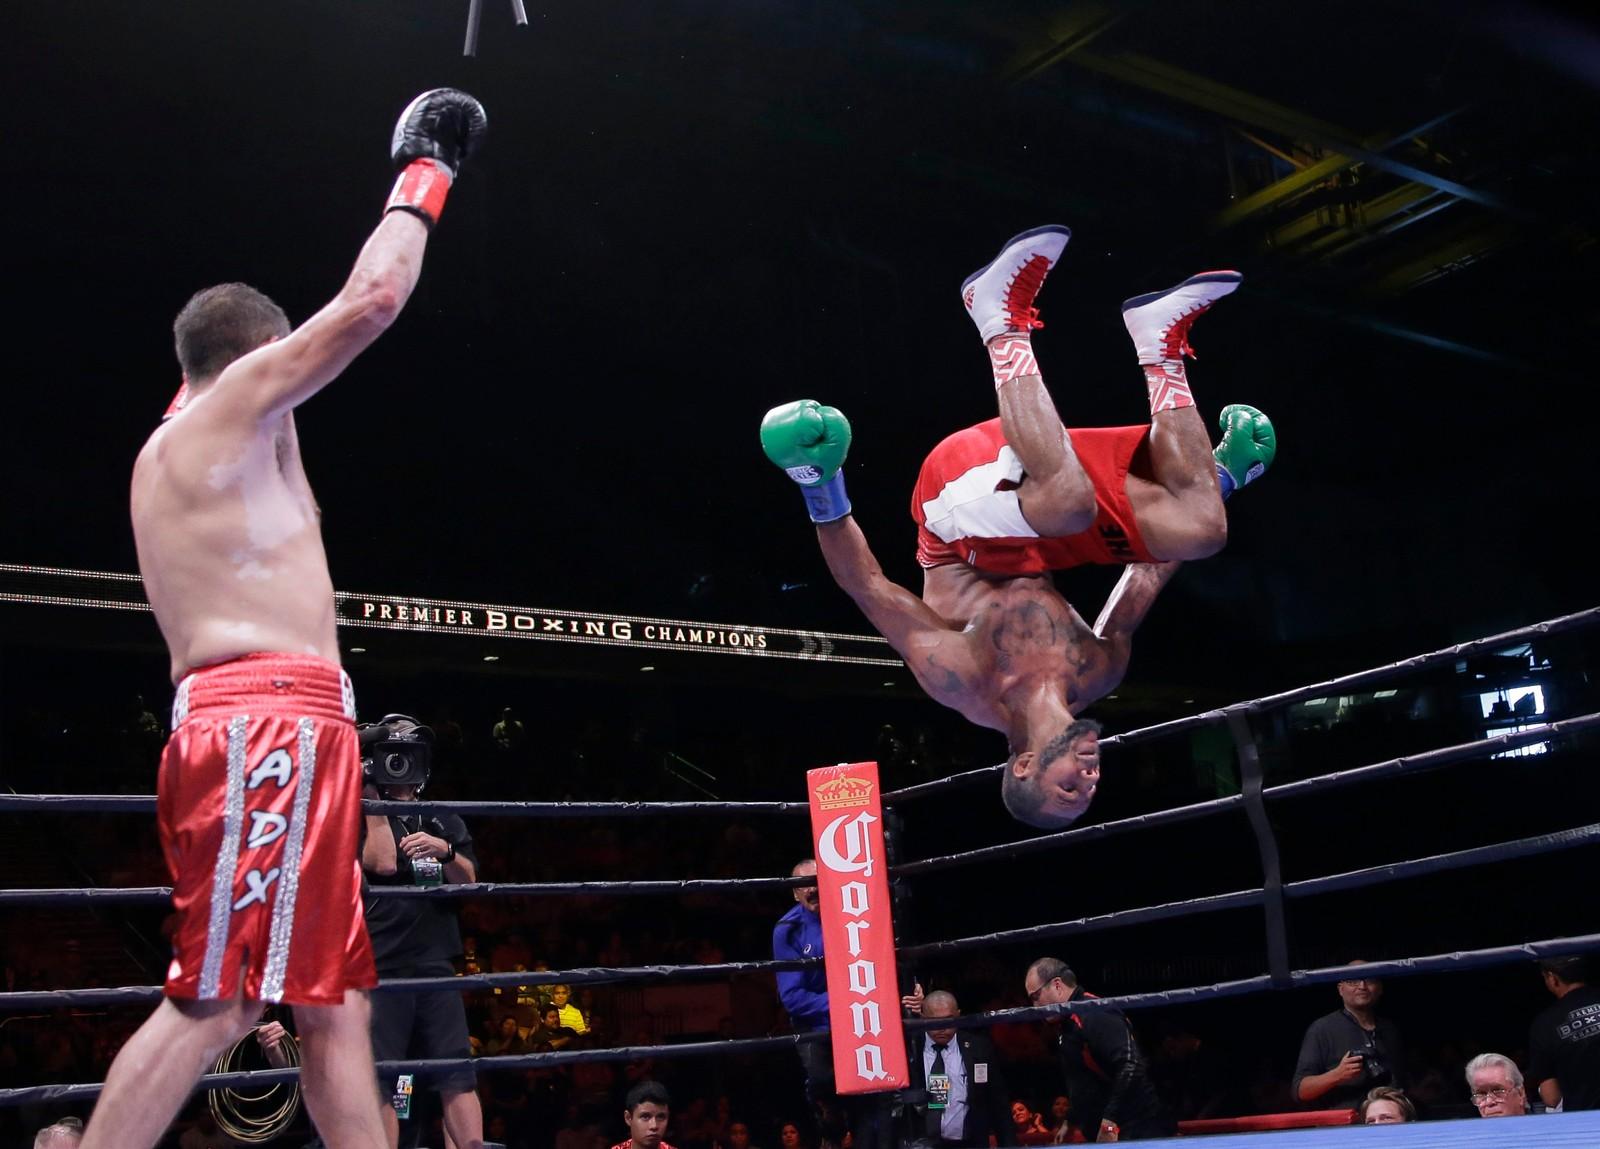 Anthony Dirrell (til høyre) feirer med en baklengs salto etter å ha slått Marco Antonio Rubio i en kamp om super mellomvekts-beltet. Dirrell har overlevd både kreft og en motorsykkel-ulykke før han kjempet seg tilbake i ringen.